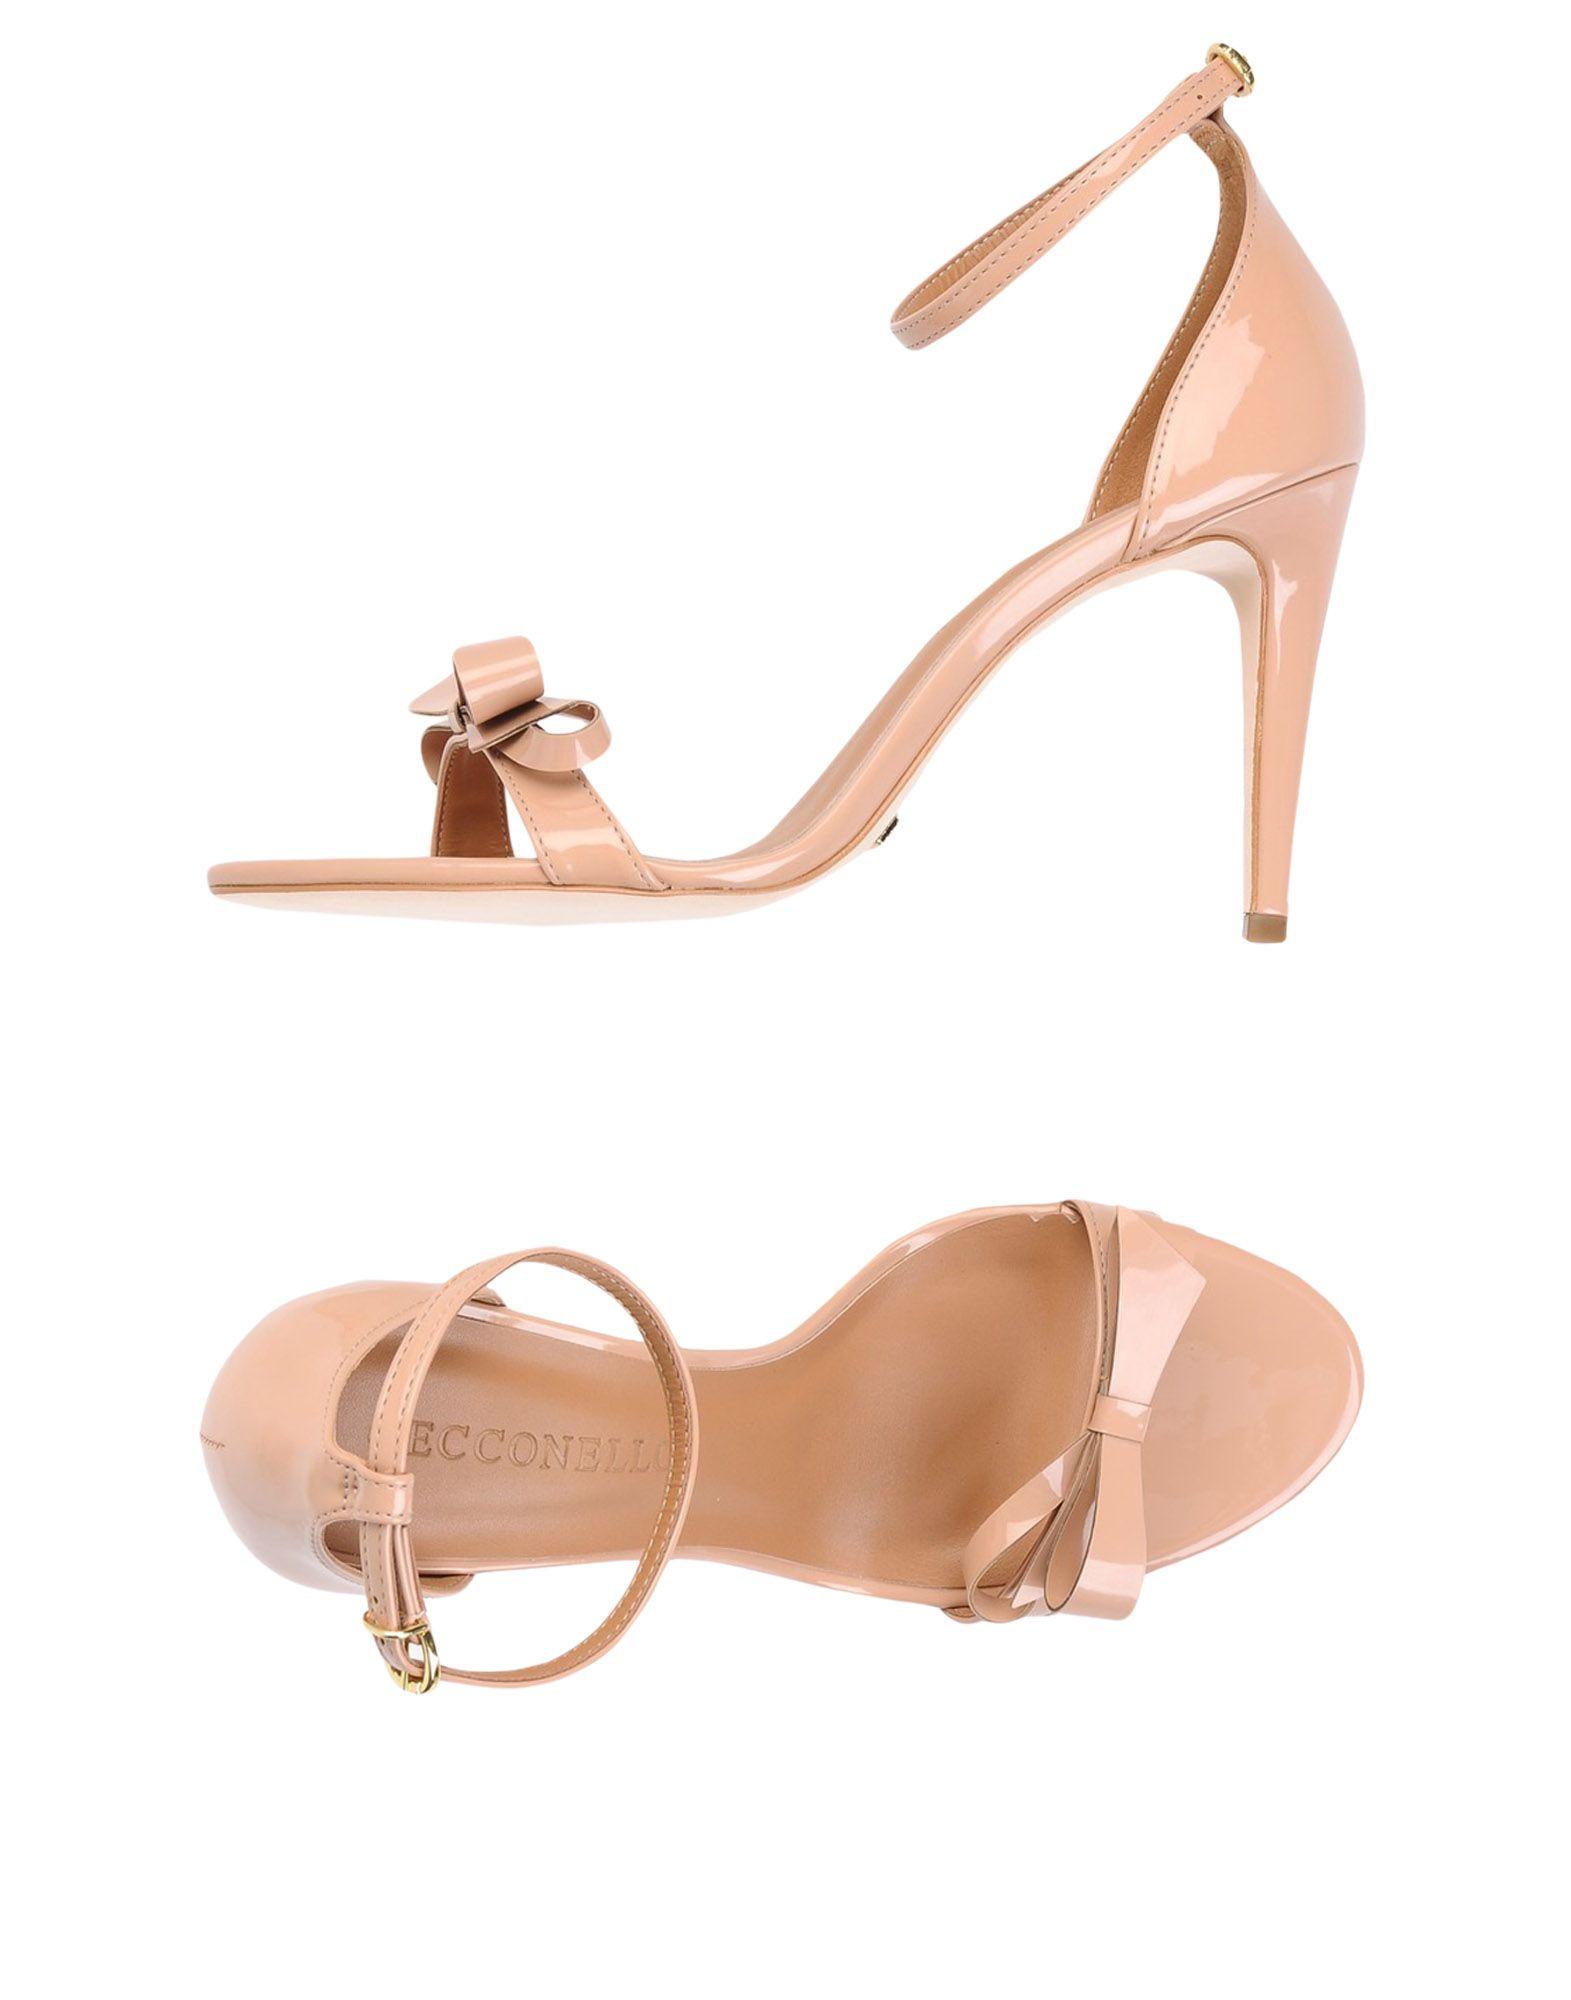 Cecconello Sandalen Damen  11466264PE Gute Qualität beliebte Schuhe